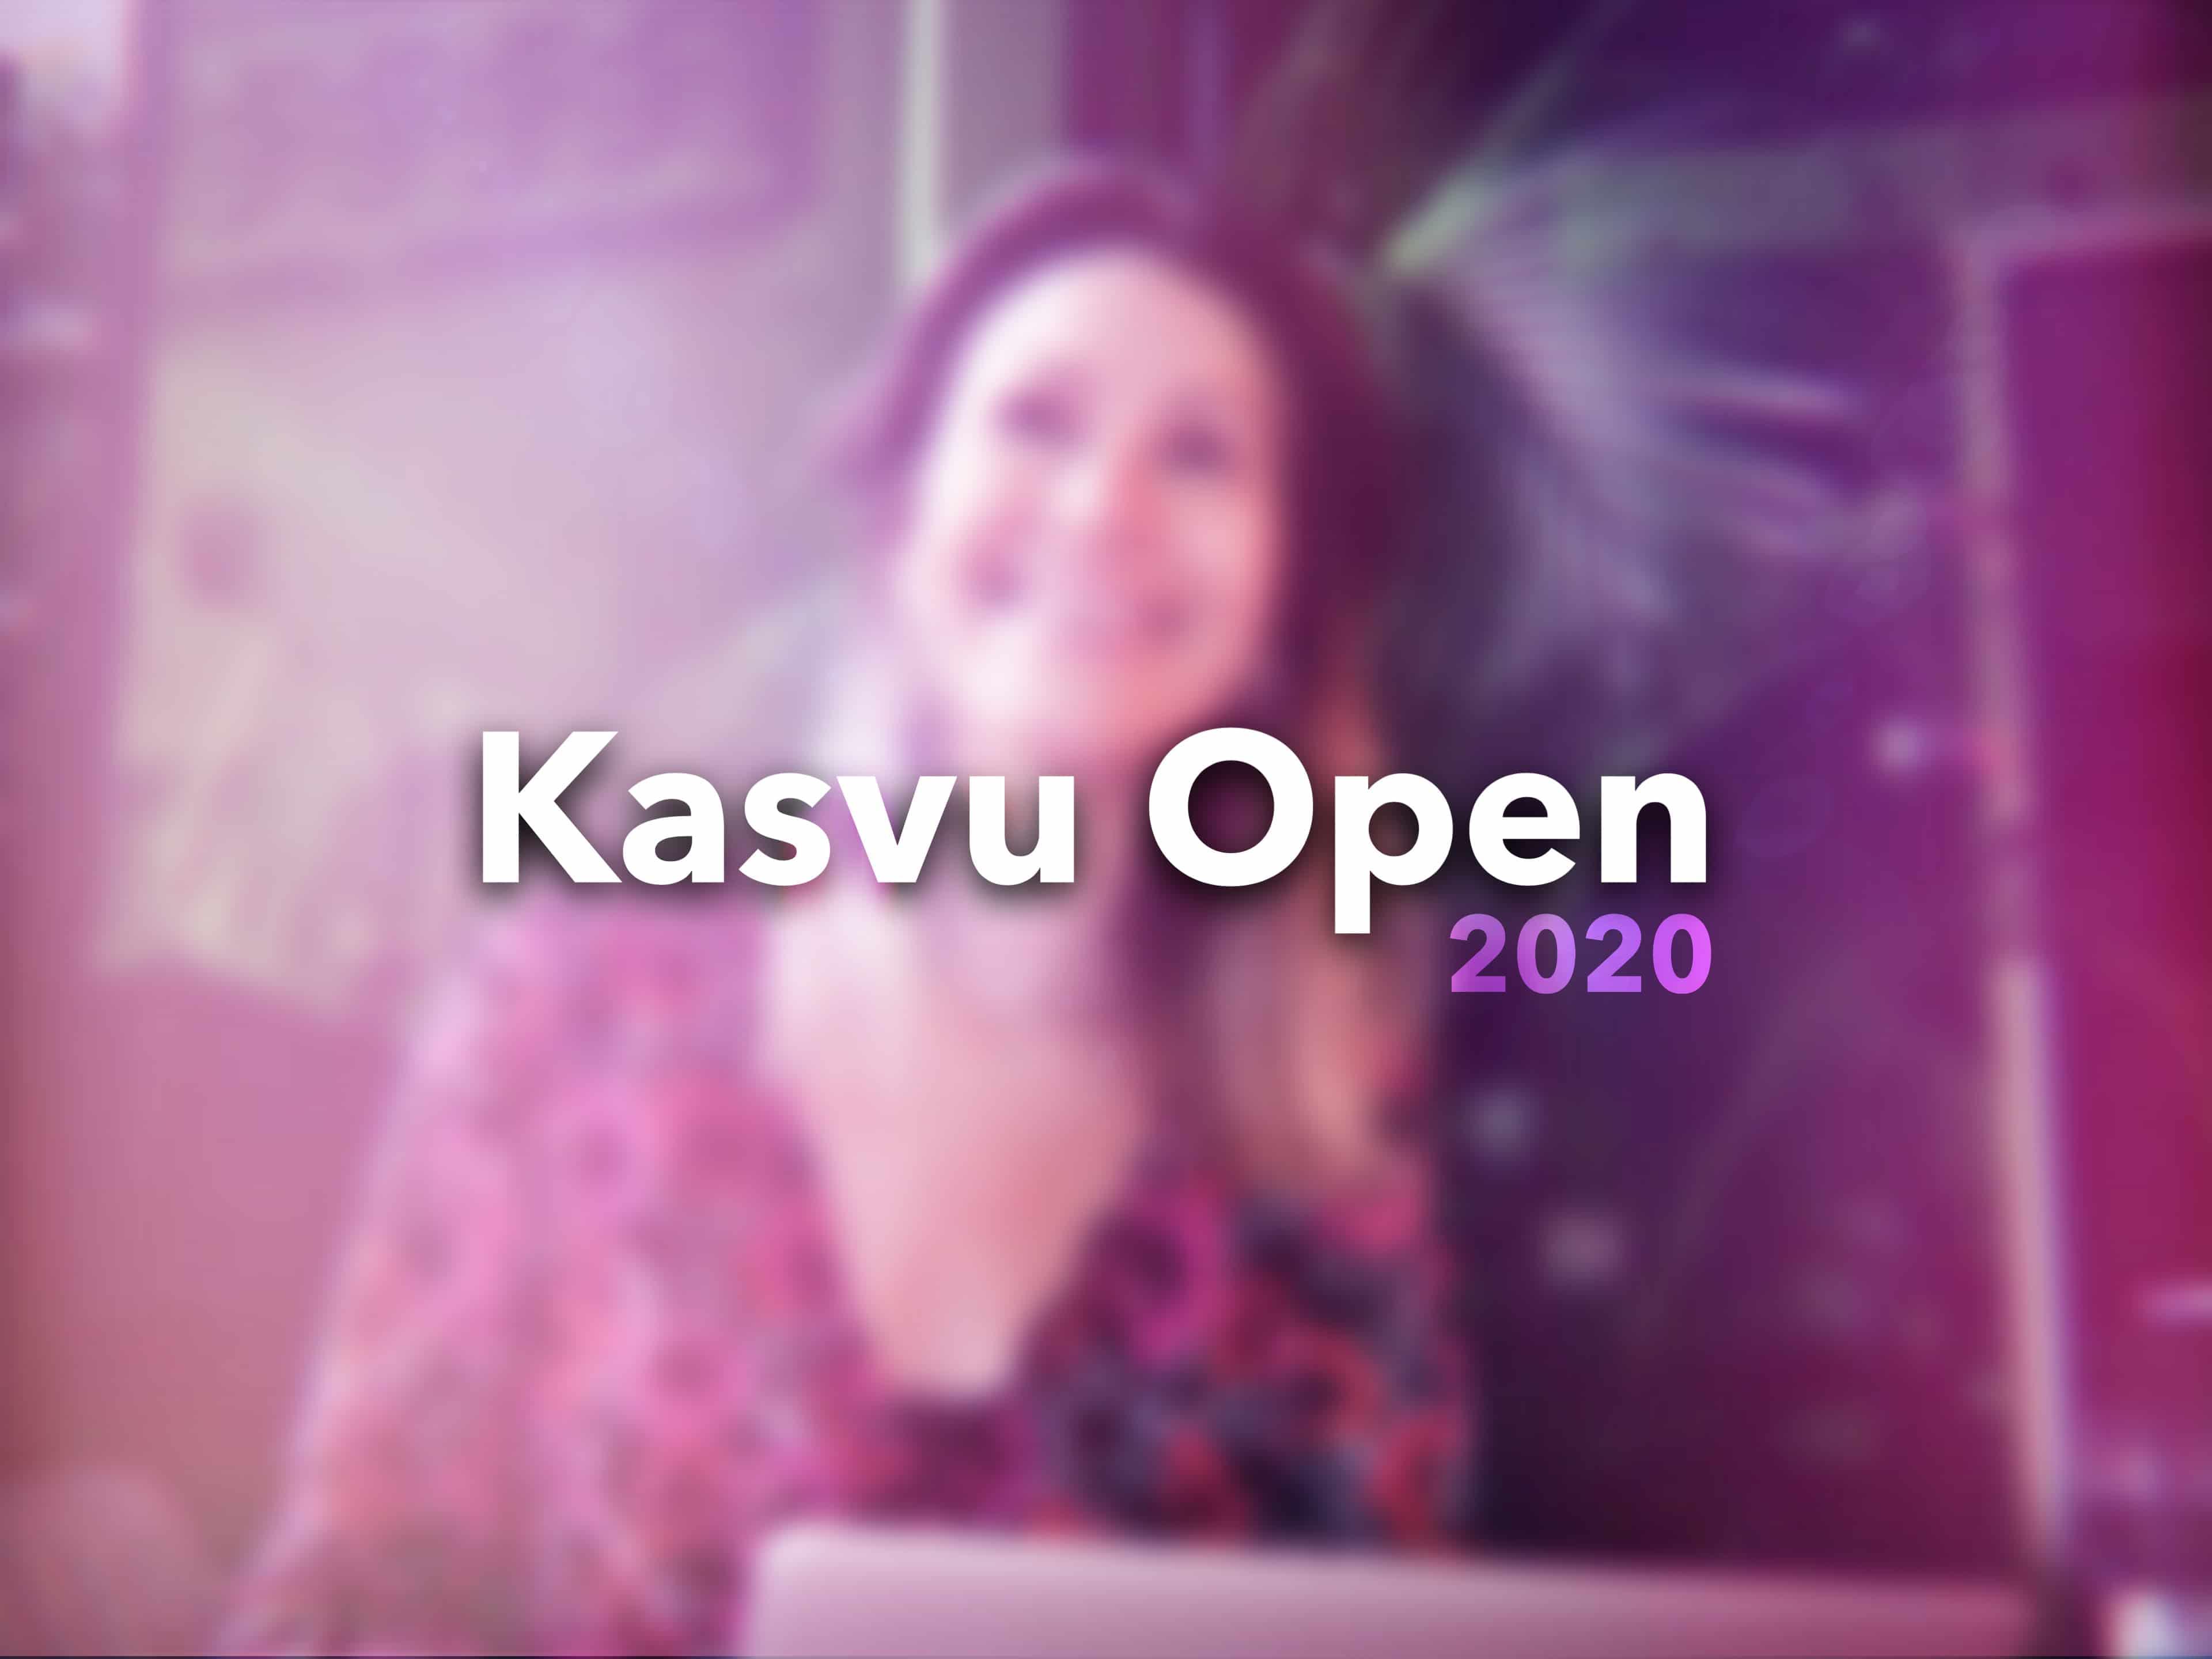 Kasvu Open 2020 talouskuutio.fi